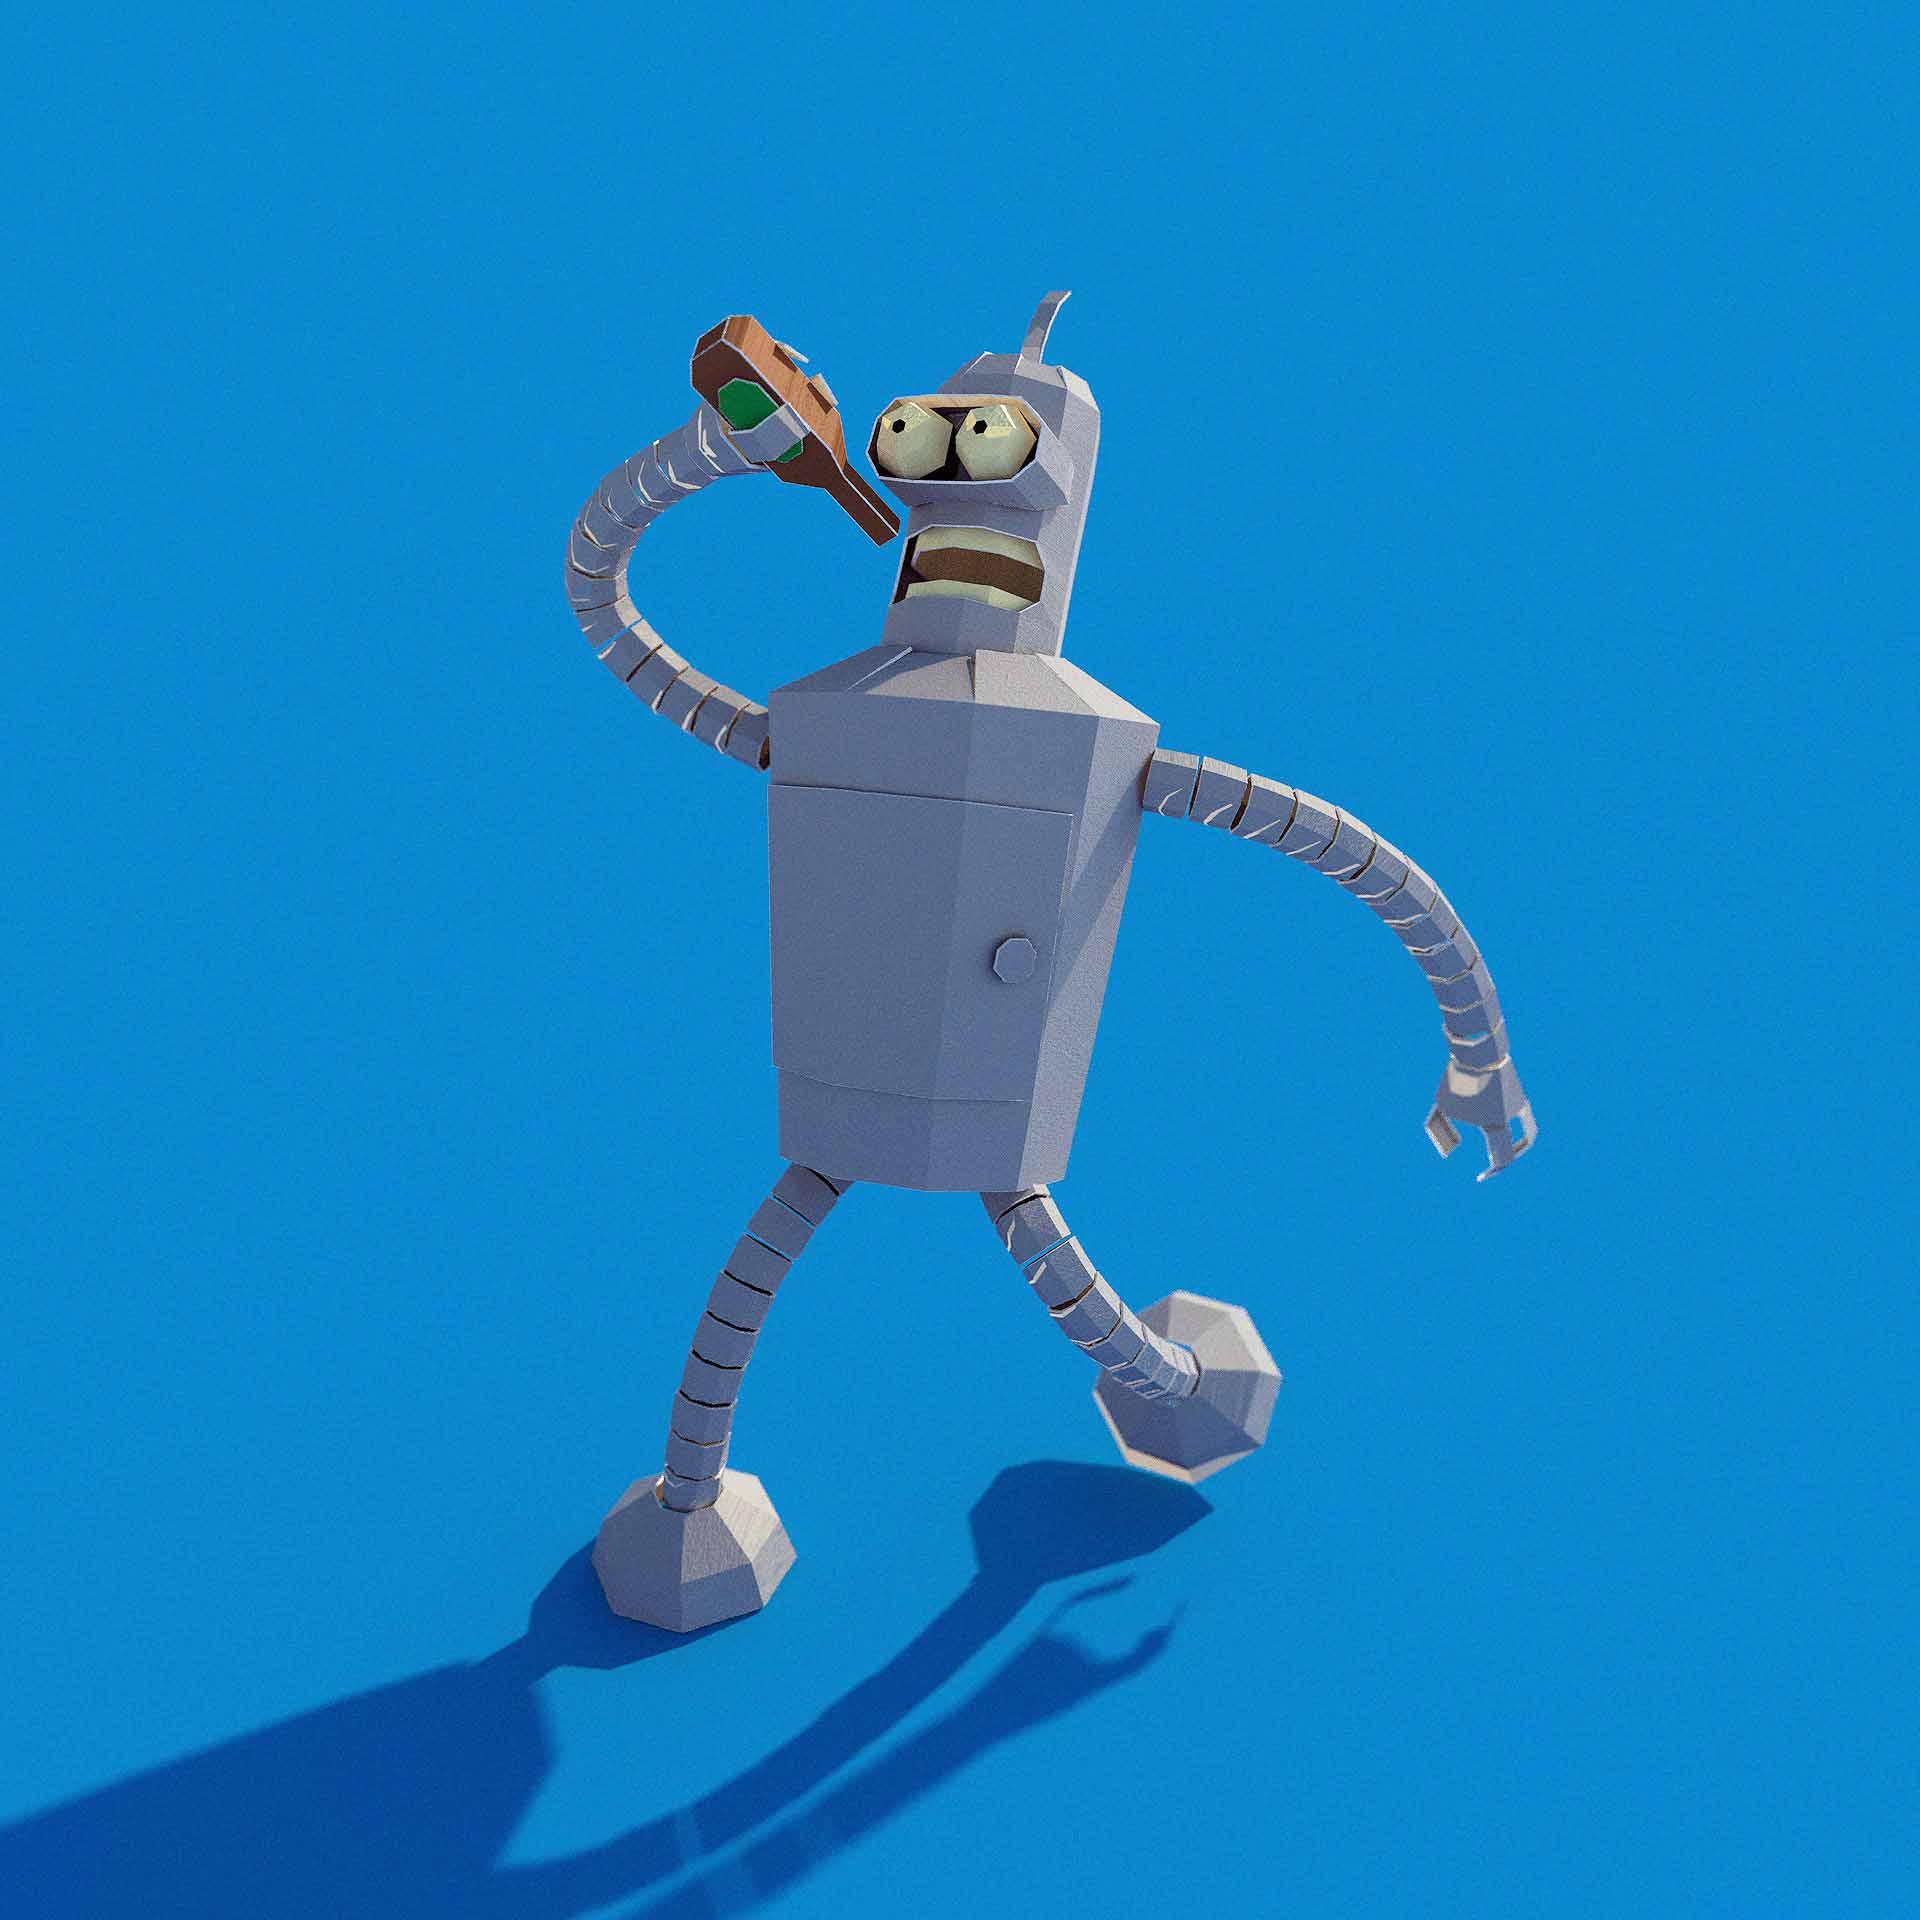 Paper Bender